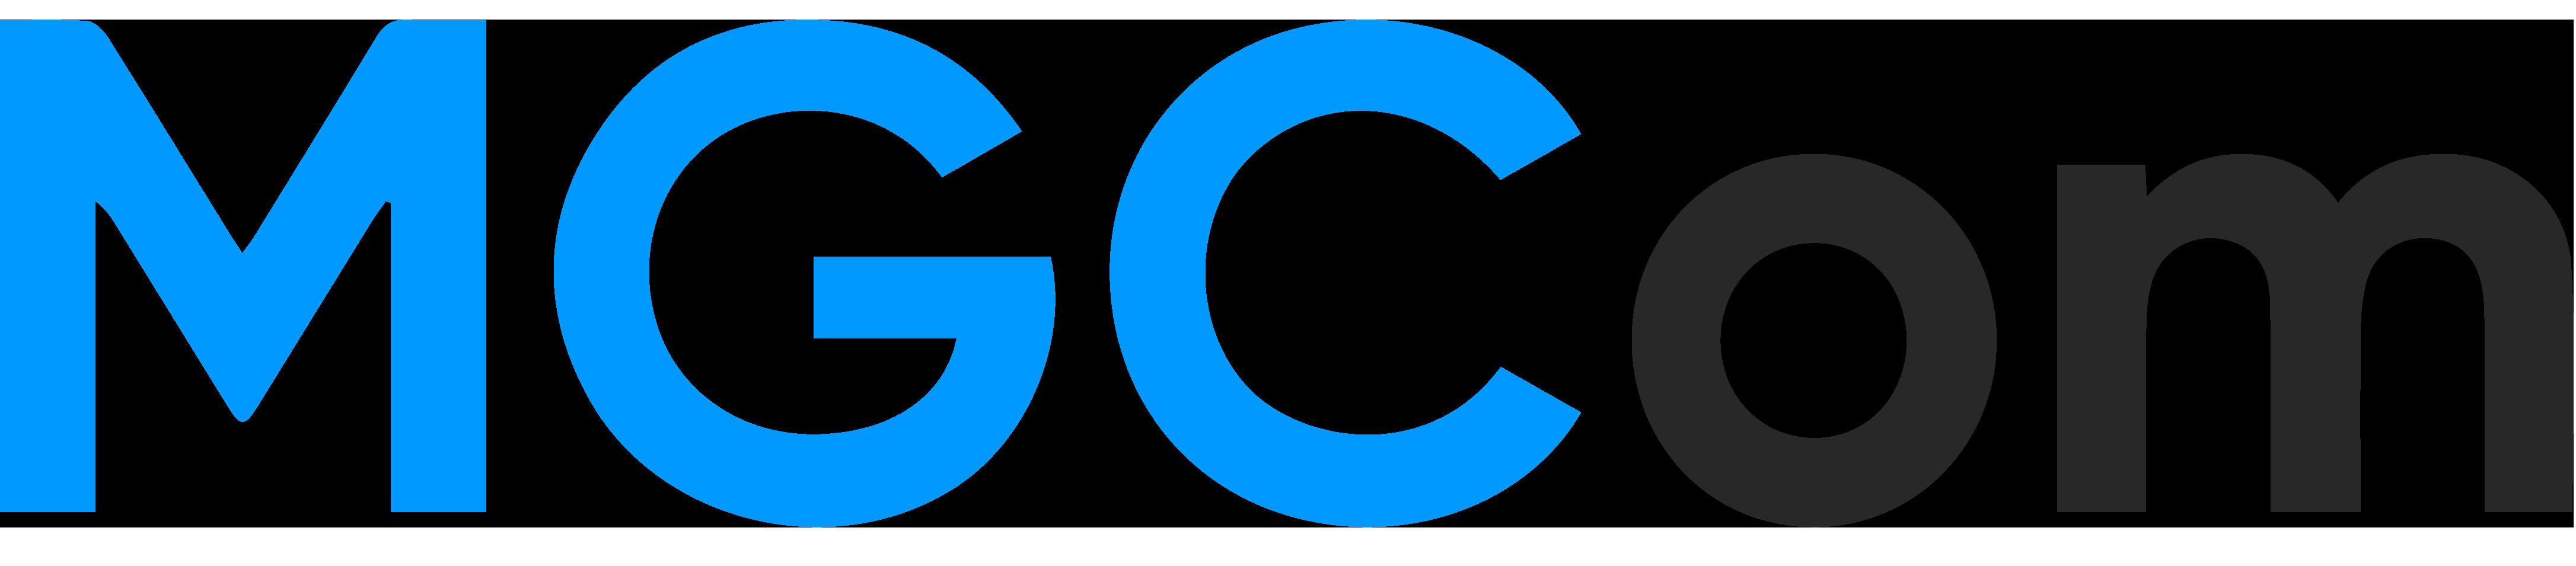 Стажировка в Агентстве MGCom для тех, кто хочет начать карьеру в Digital